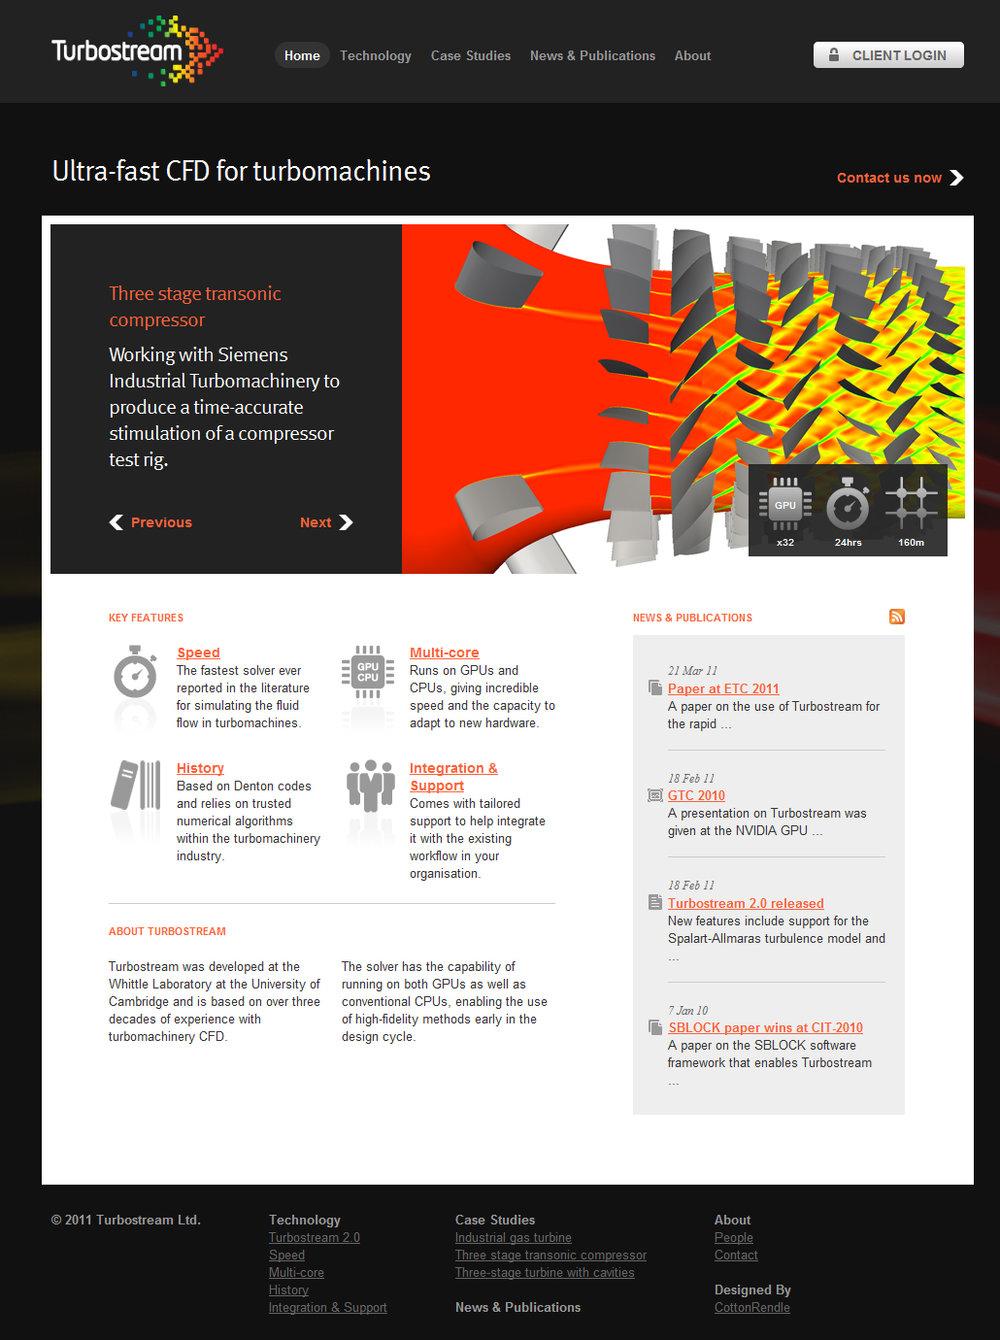 turbostream_homepage.jpg